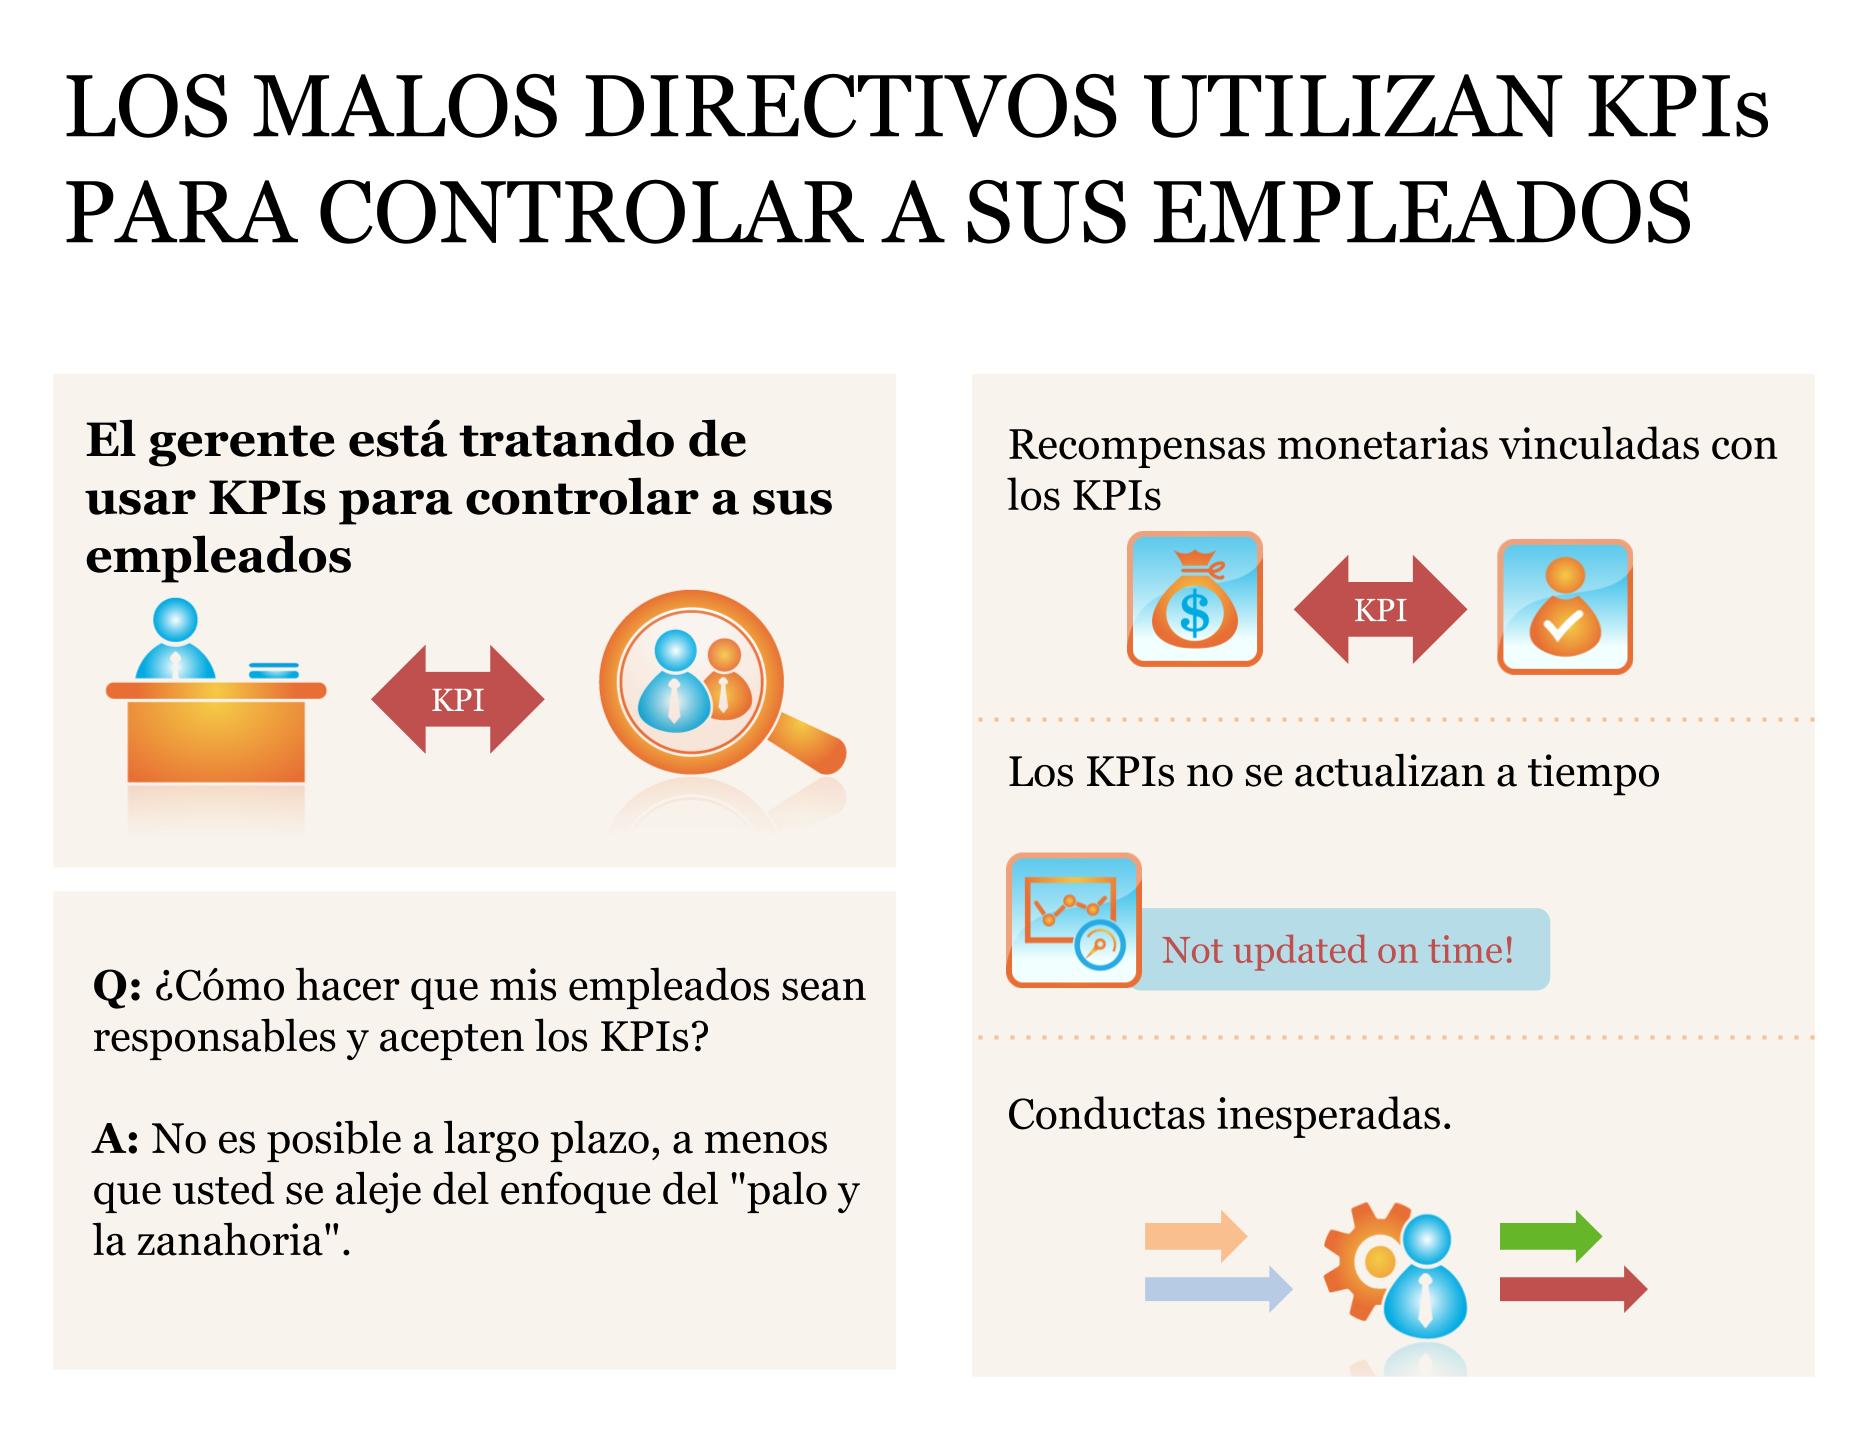 Los malos directivos usan KPIs para controlar a los empleados